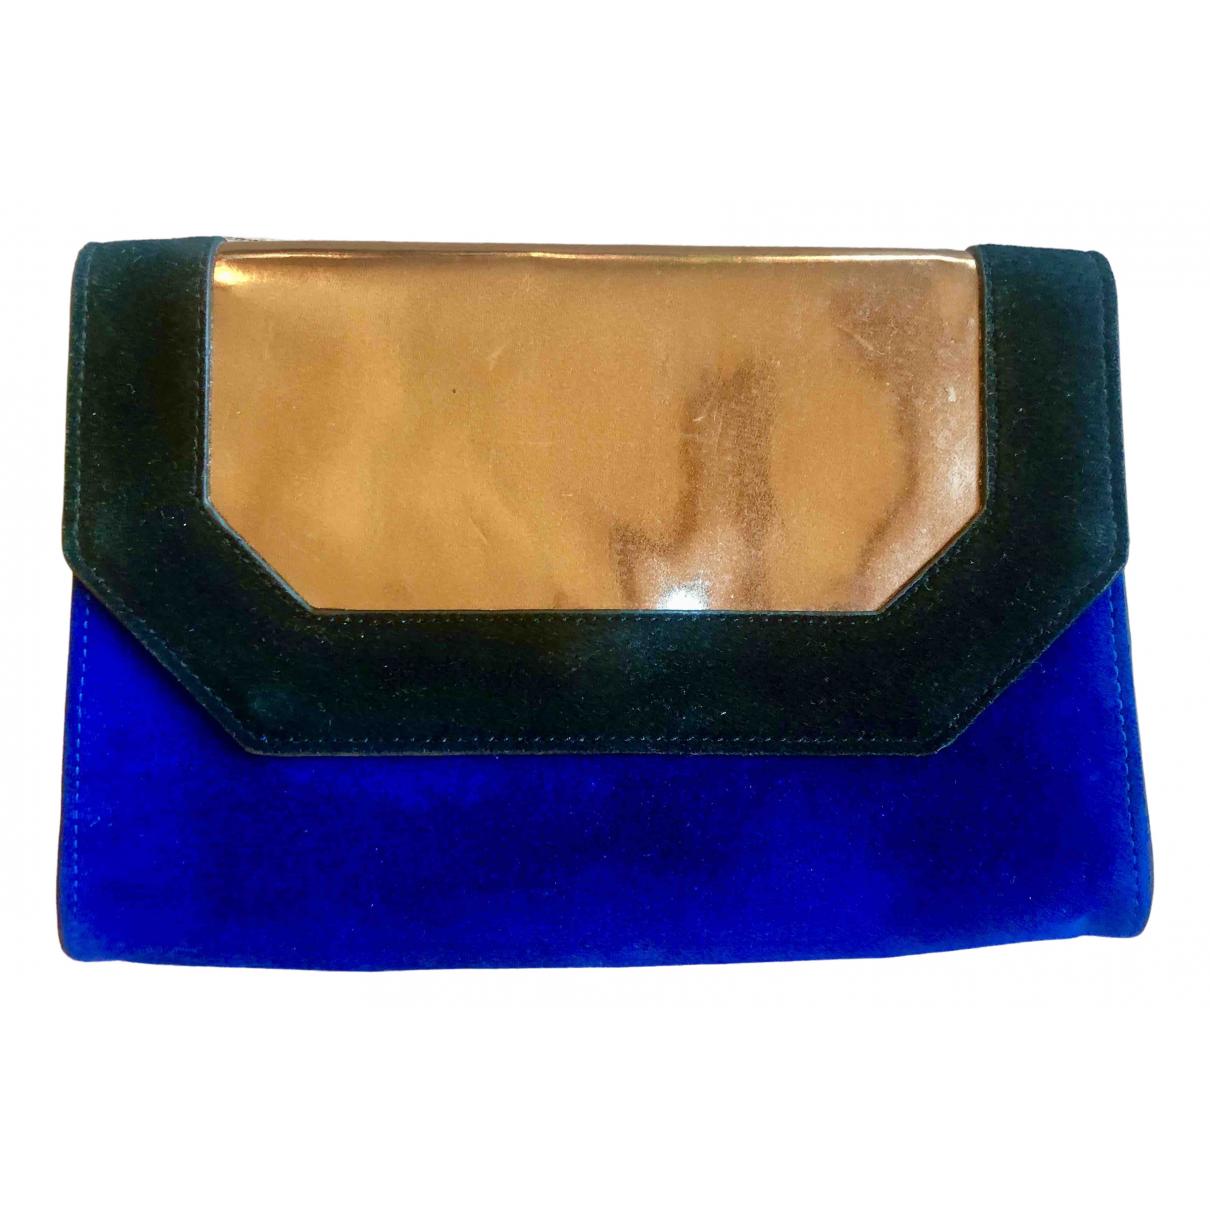 Bcbg Max Azria \N Clutch in  Blau Leder